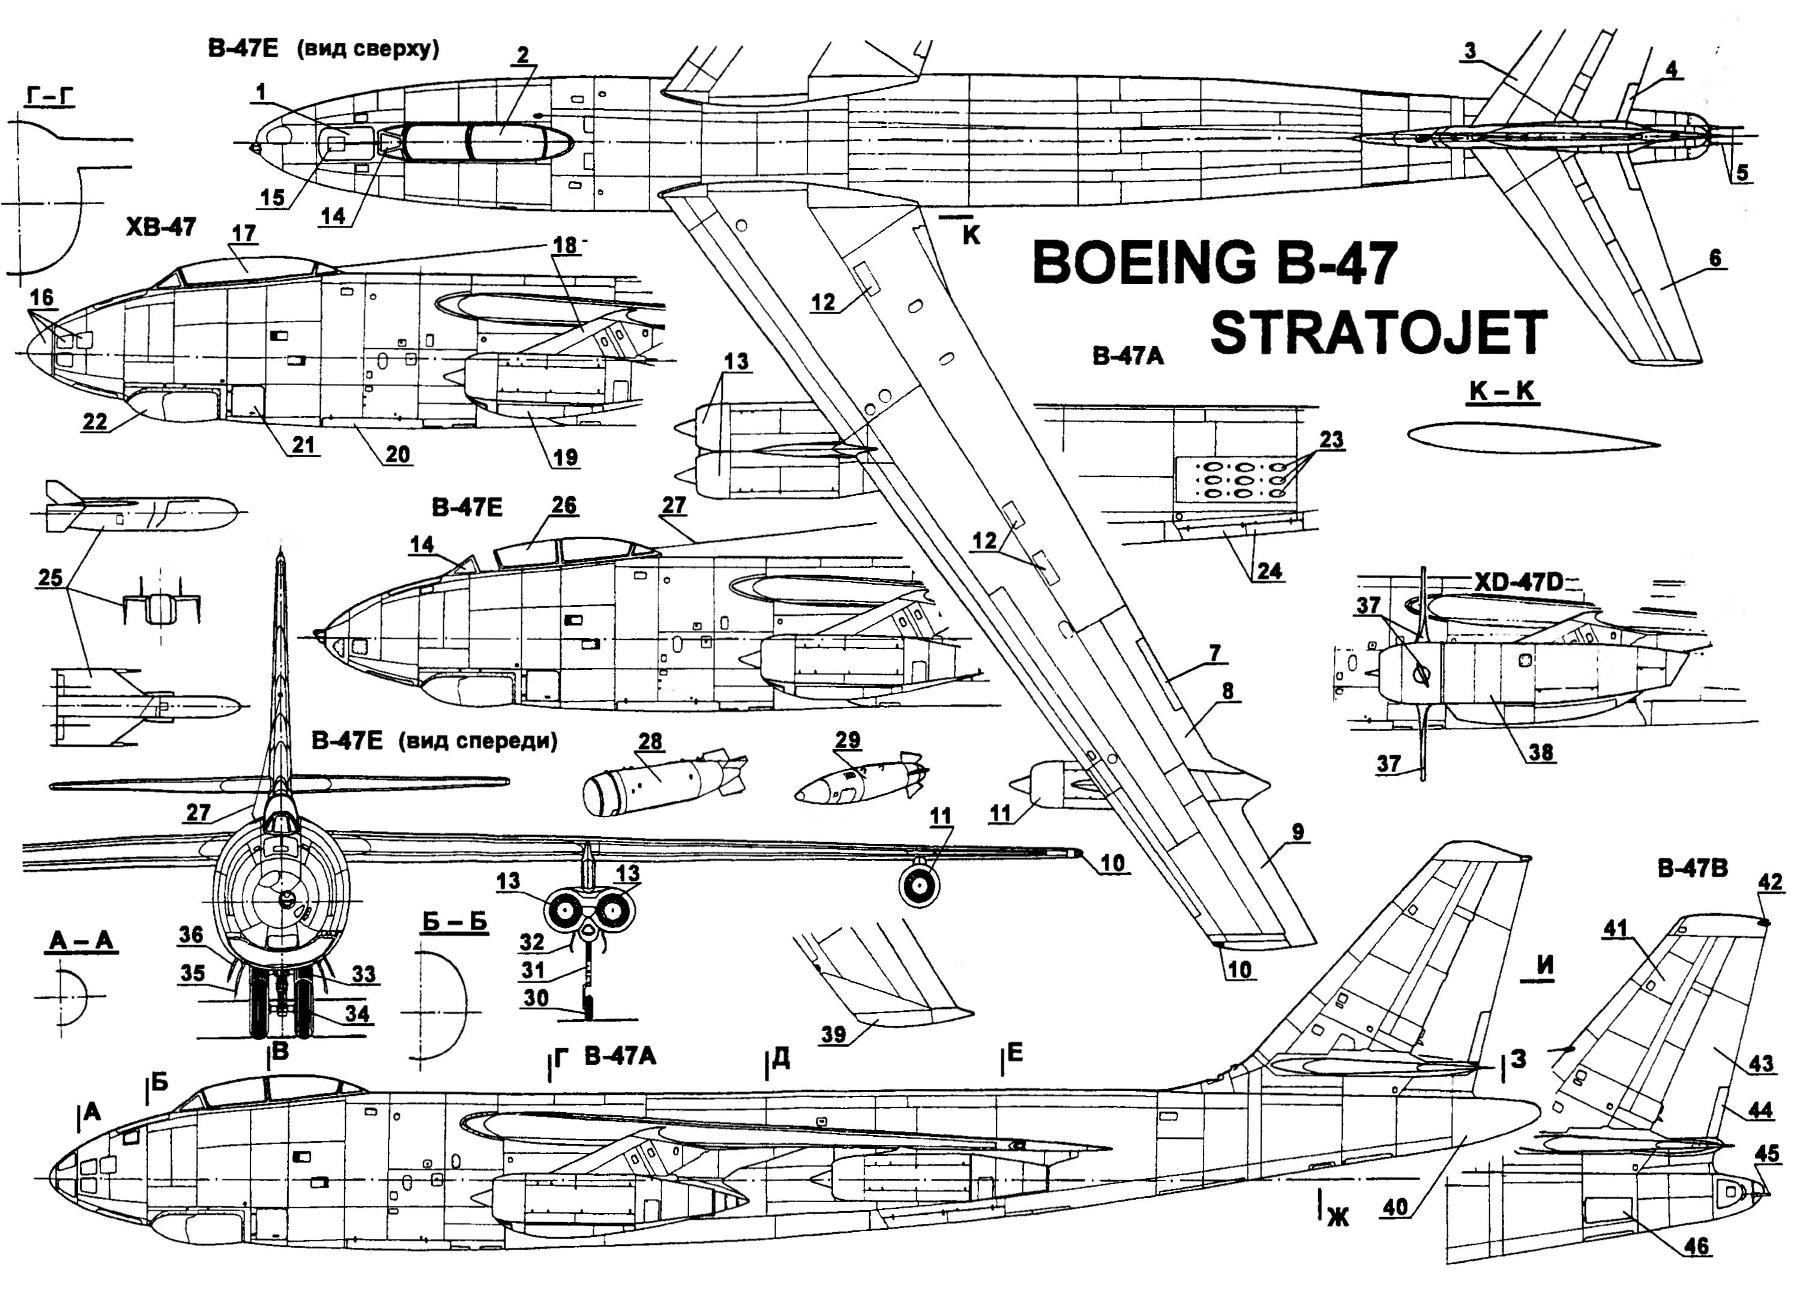 Strategic bomber Boeing b-47 STRATOJET